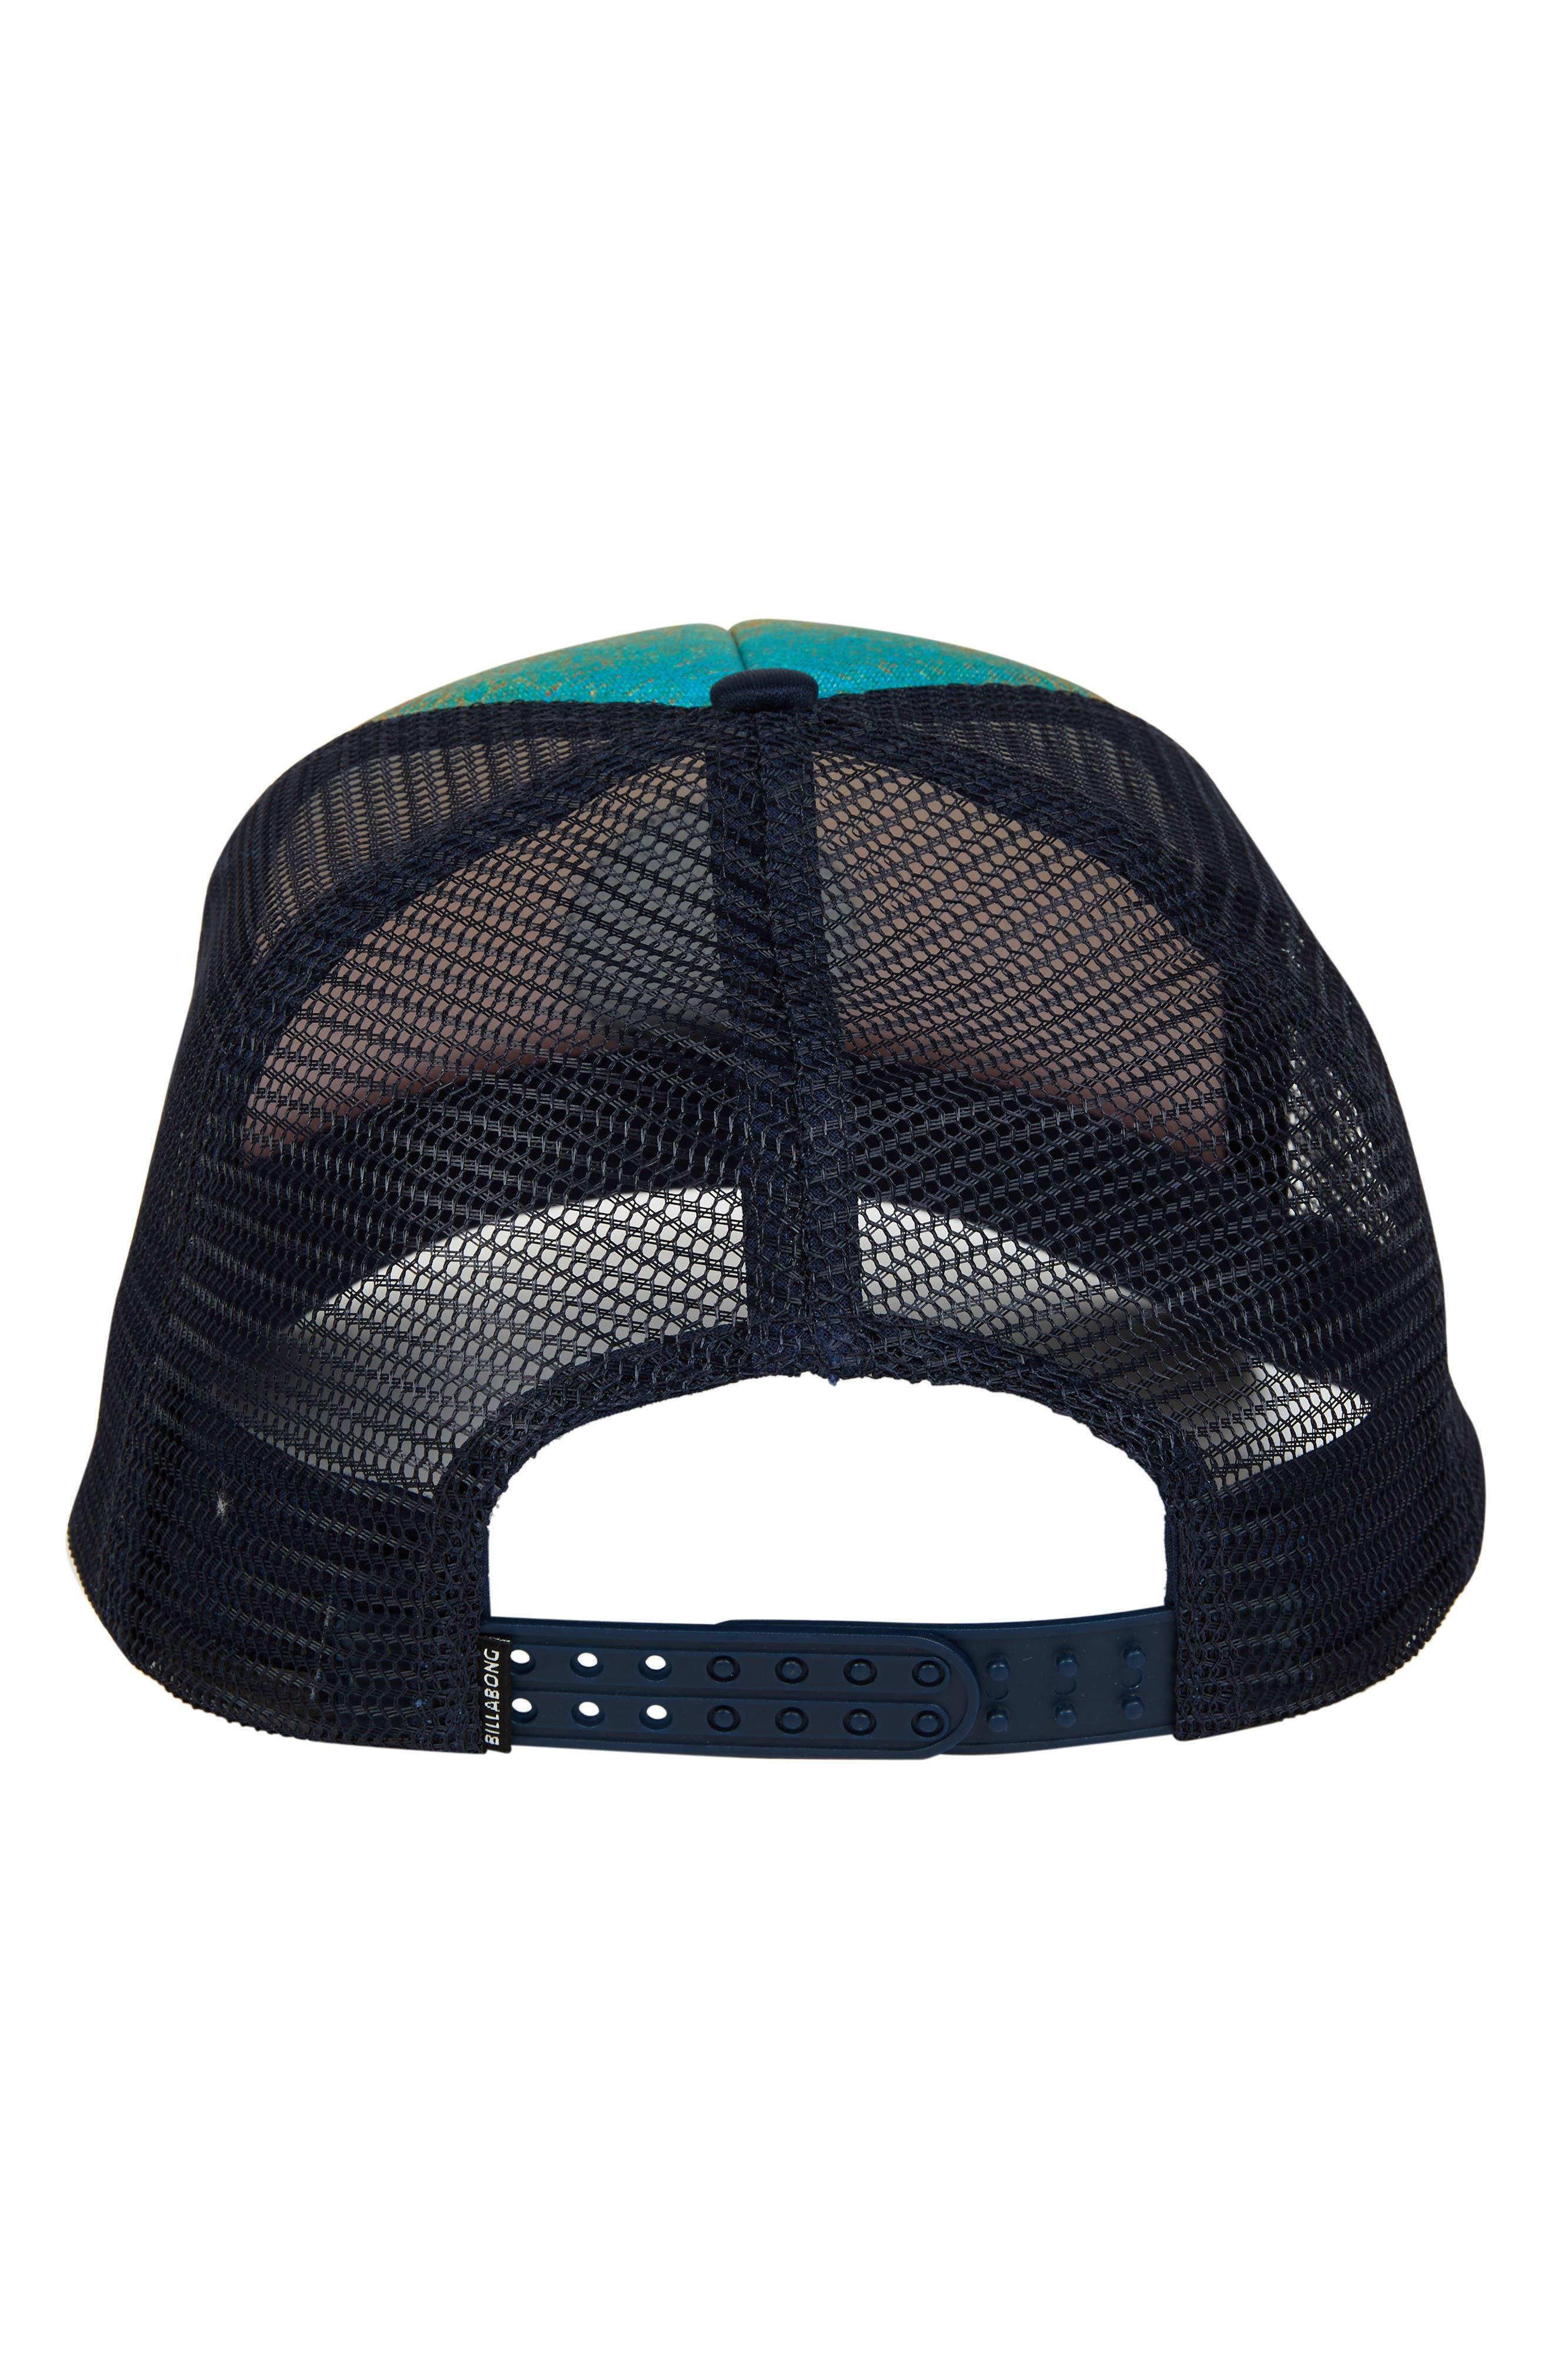 34bd702f7ef Men s Billabong Hats